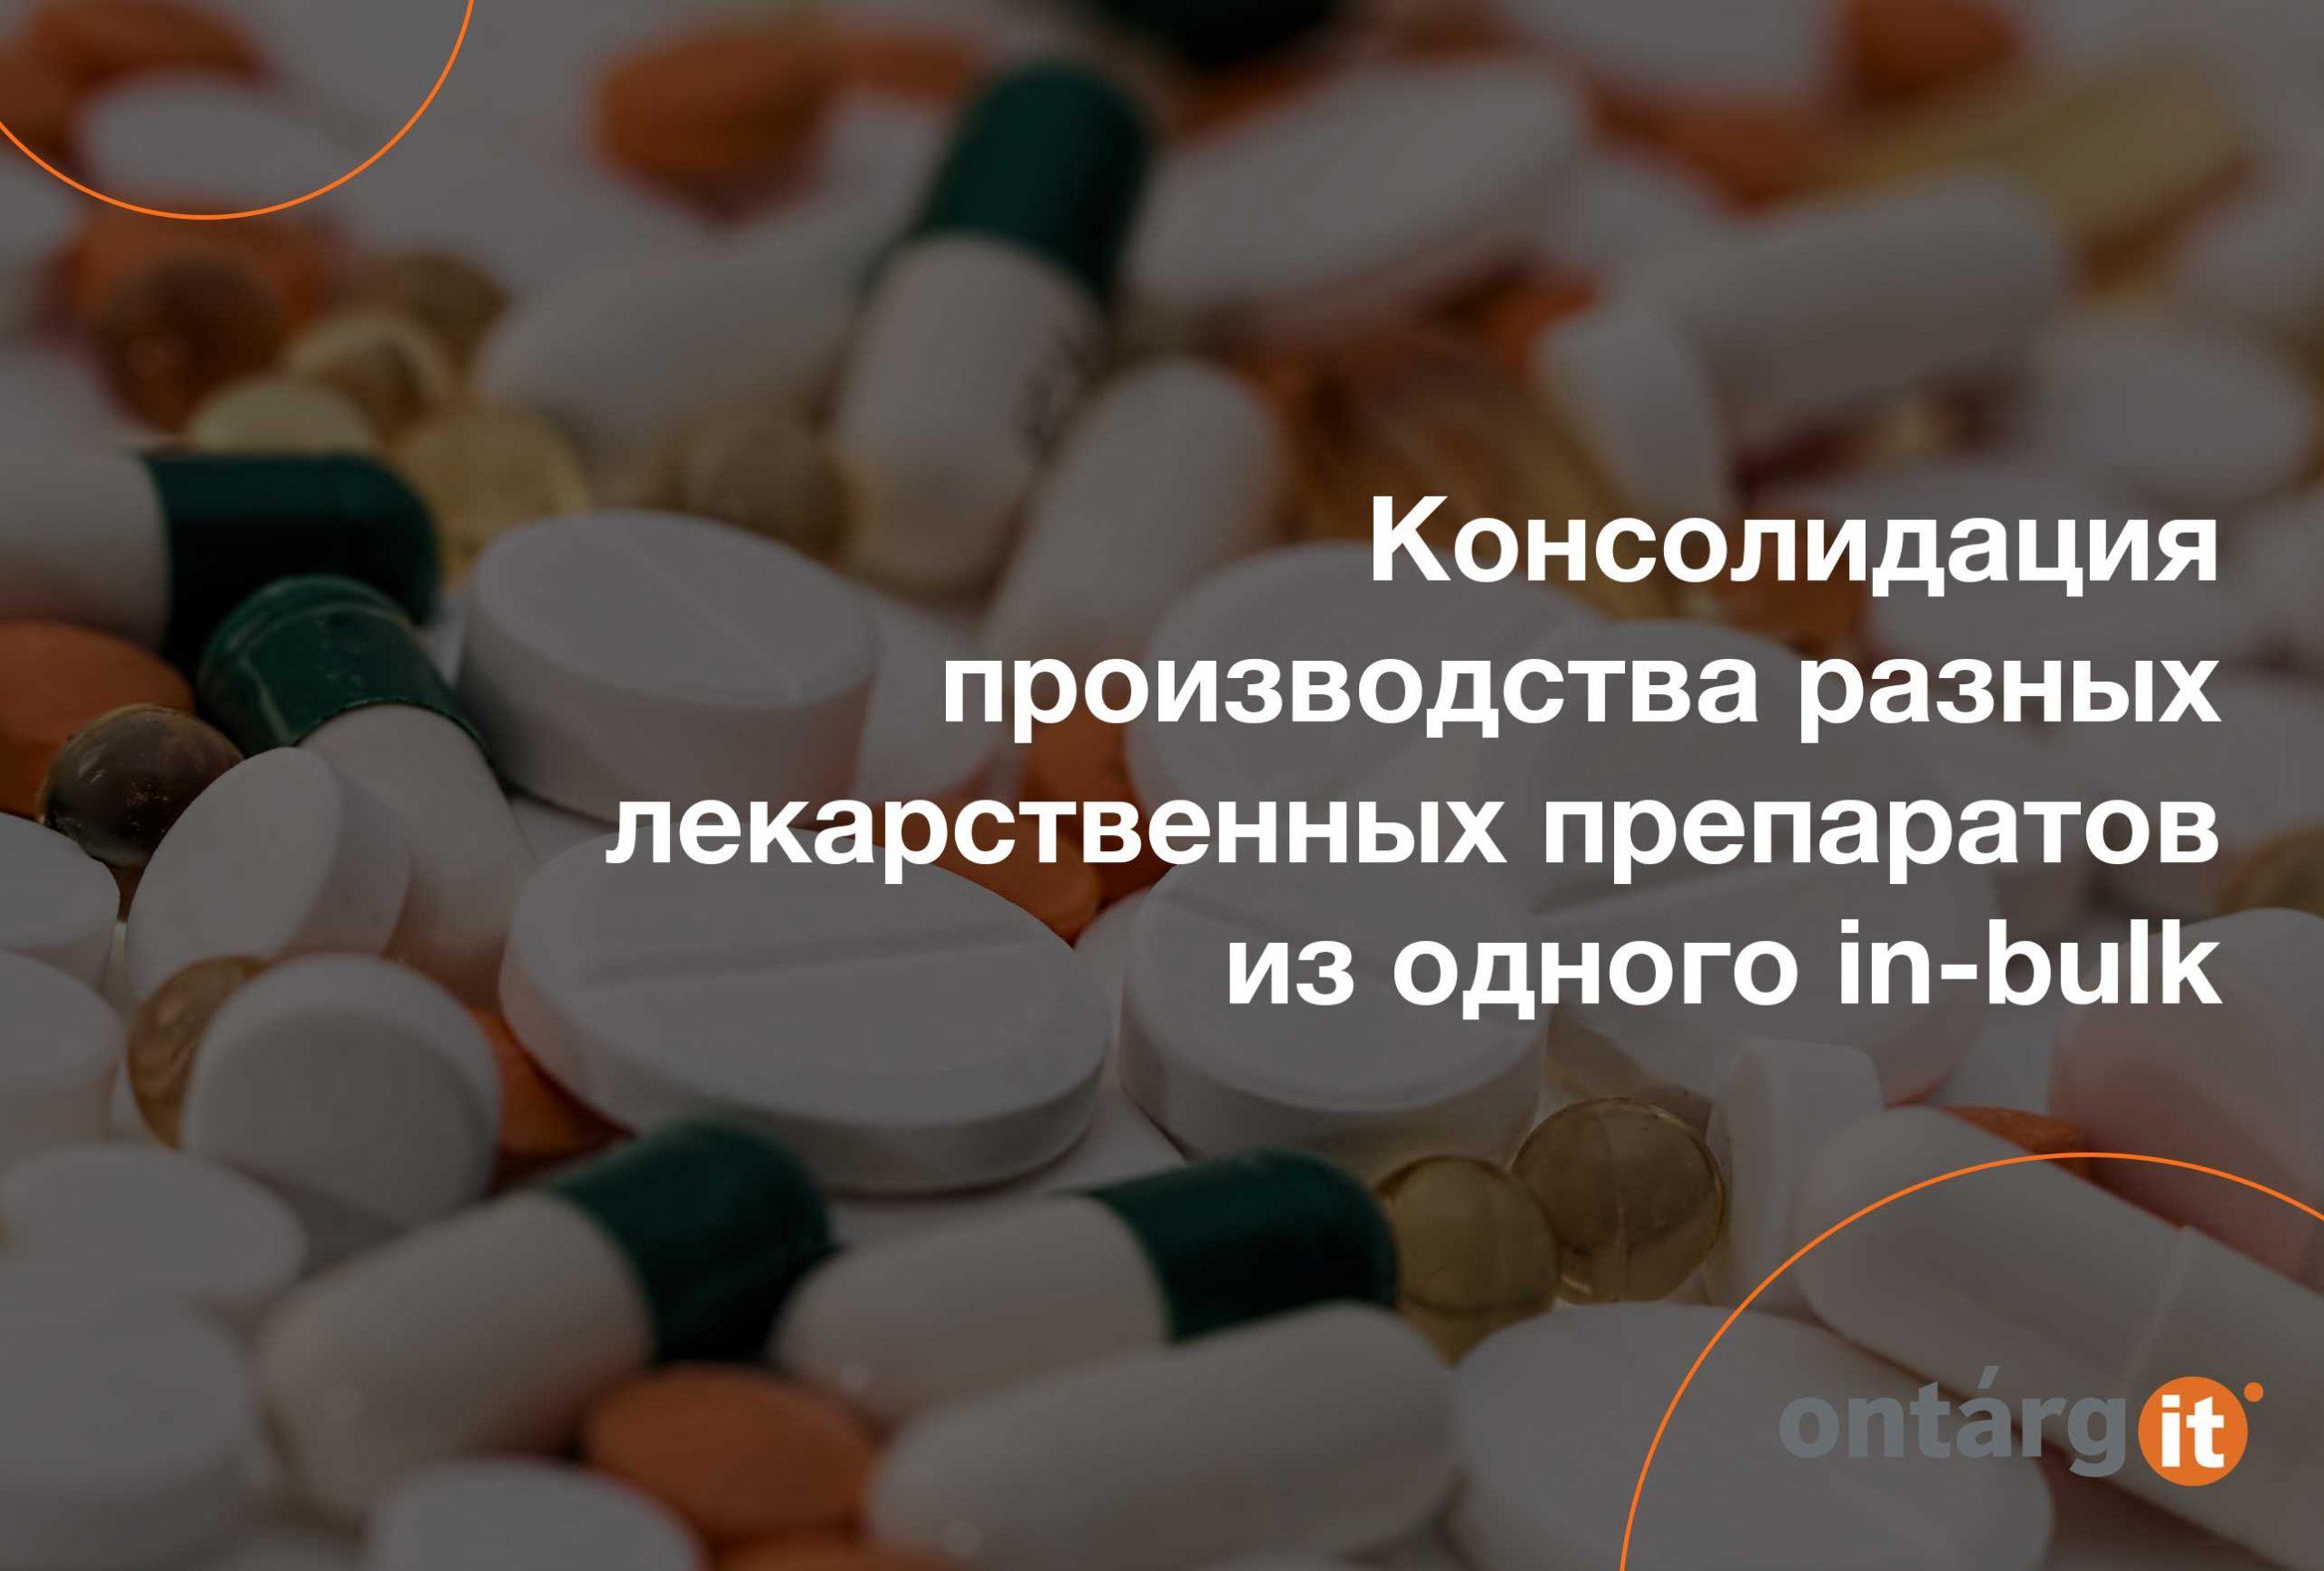 Консолидация-производства-разных-лекарственных-препаратов-из-одного-in-bulk